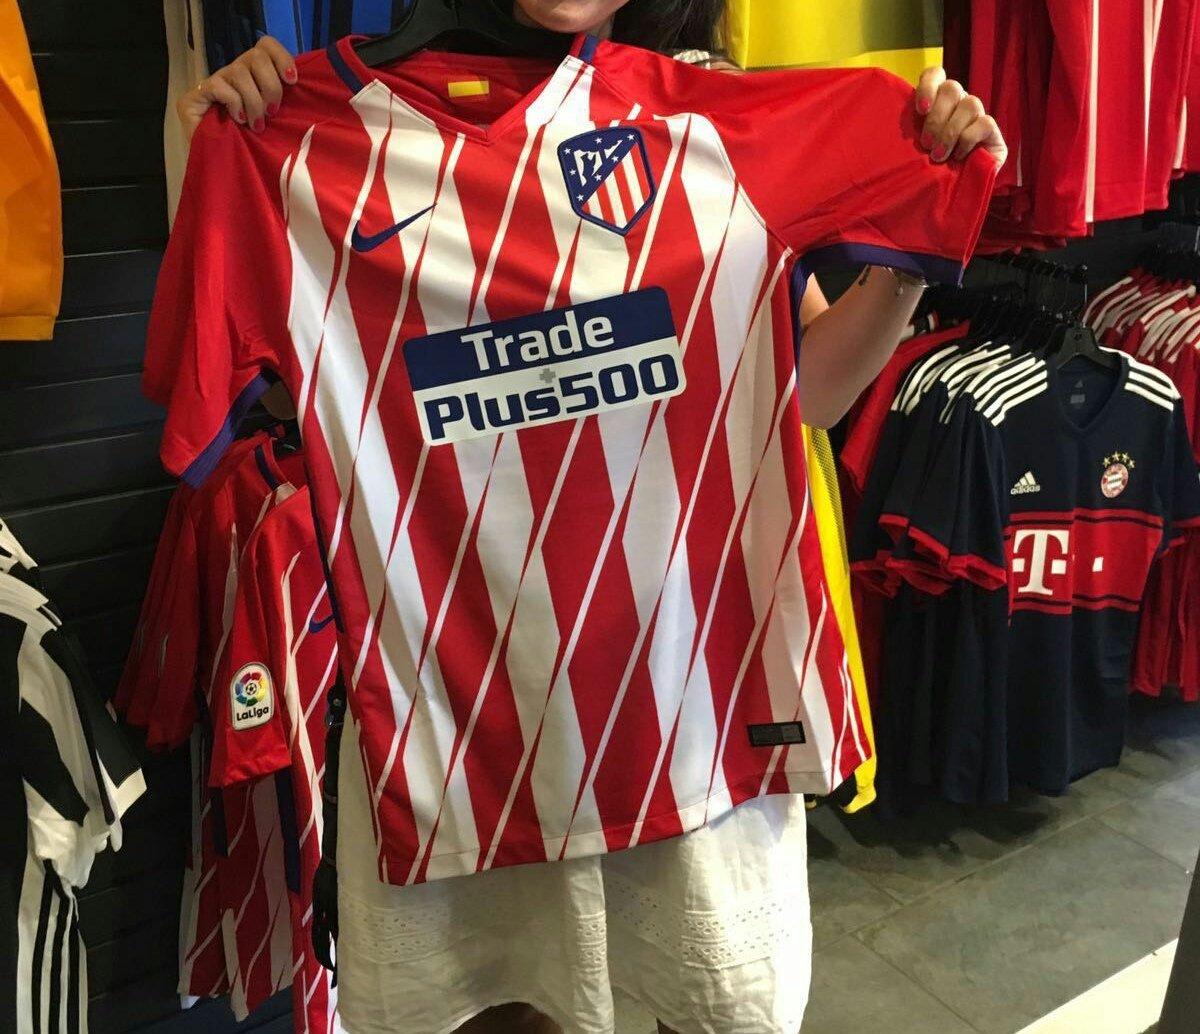 La nueva camiseta del Atlético Madrid salió a la venta sin presentación oficial